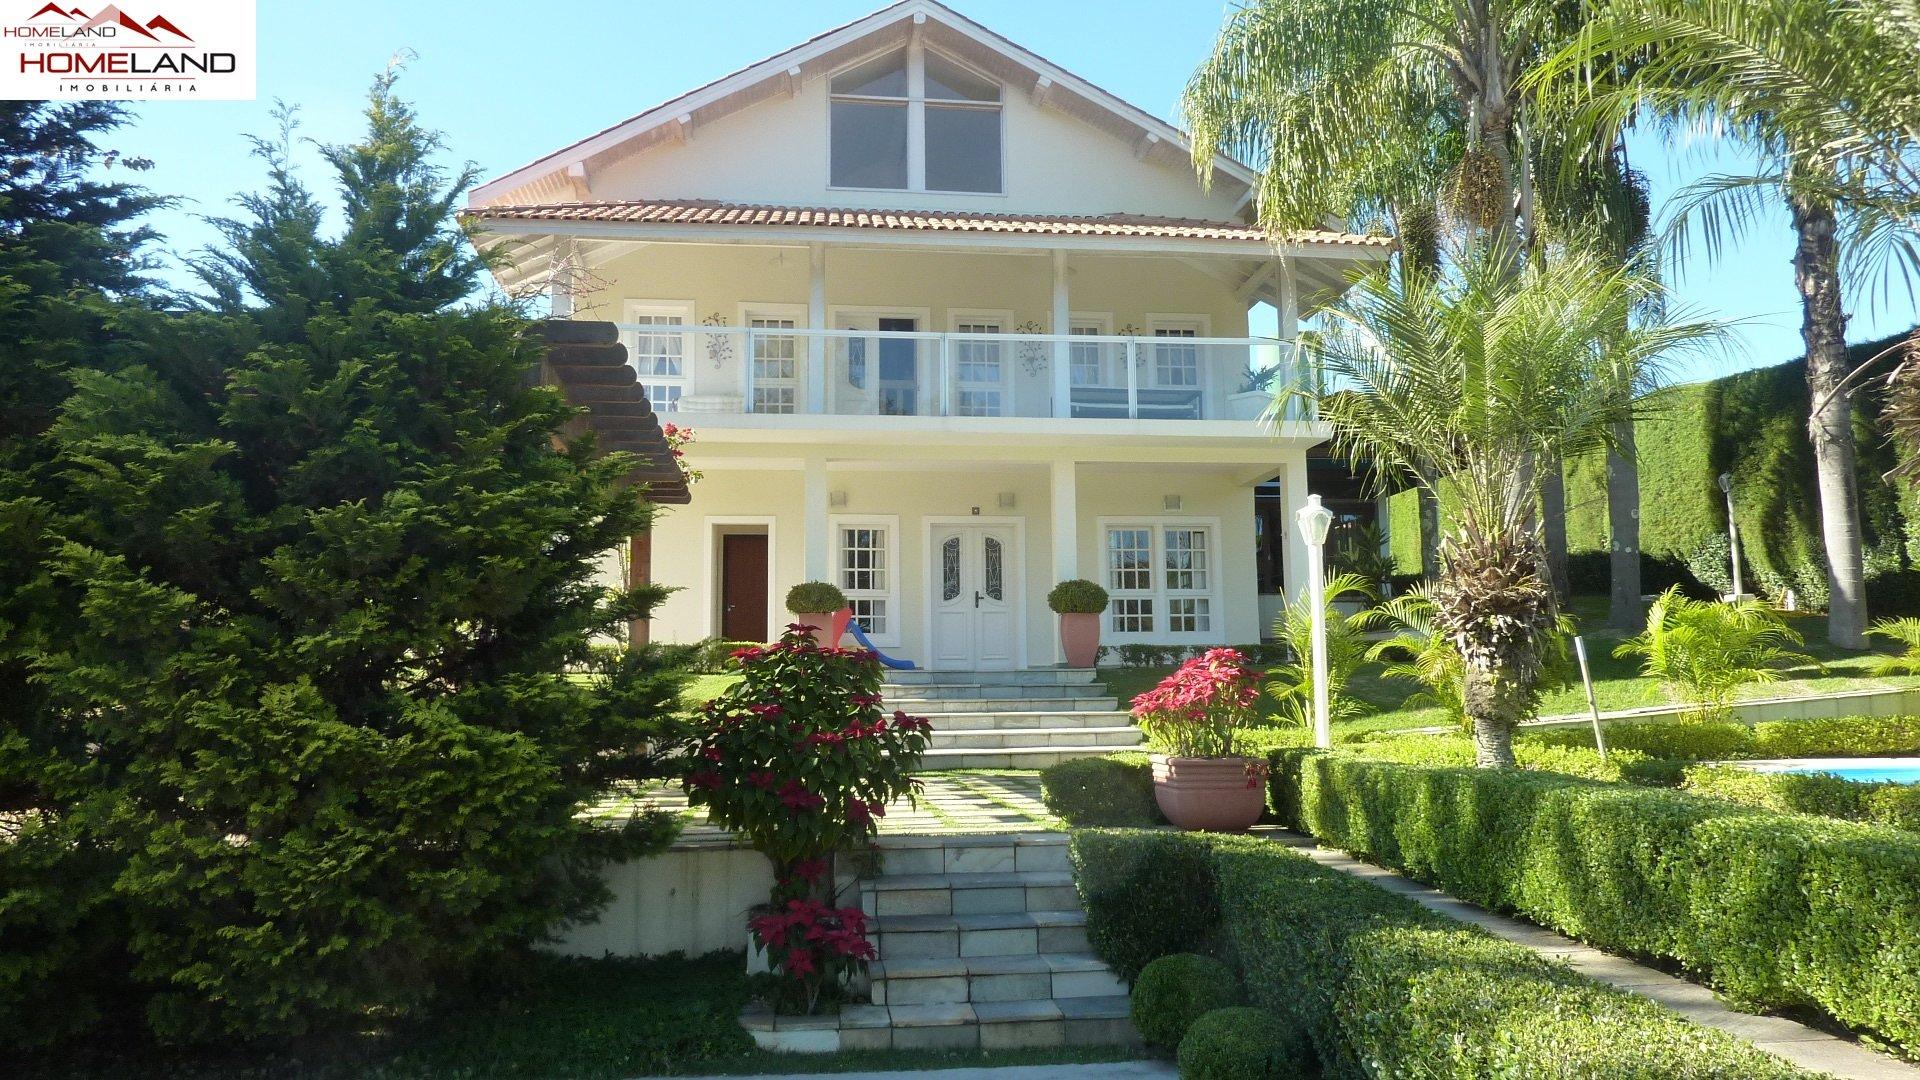 HL-128 Excelente casa de alto padrão, completa, no Patrimônio do Carmo. R$ 2.500 mil